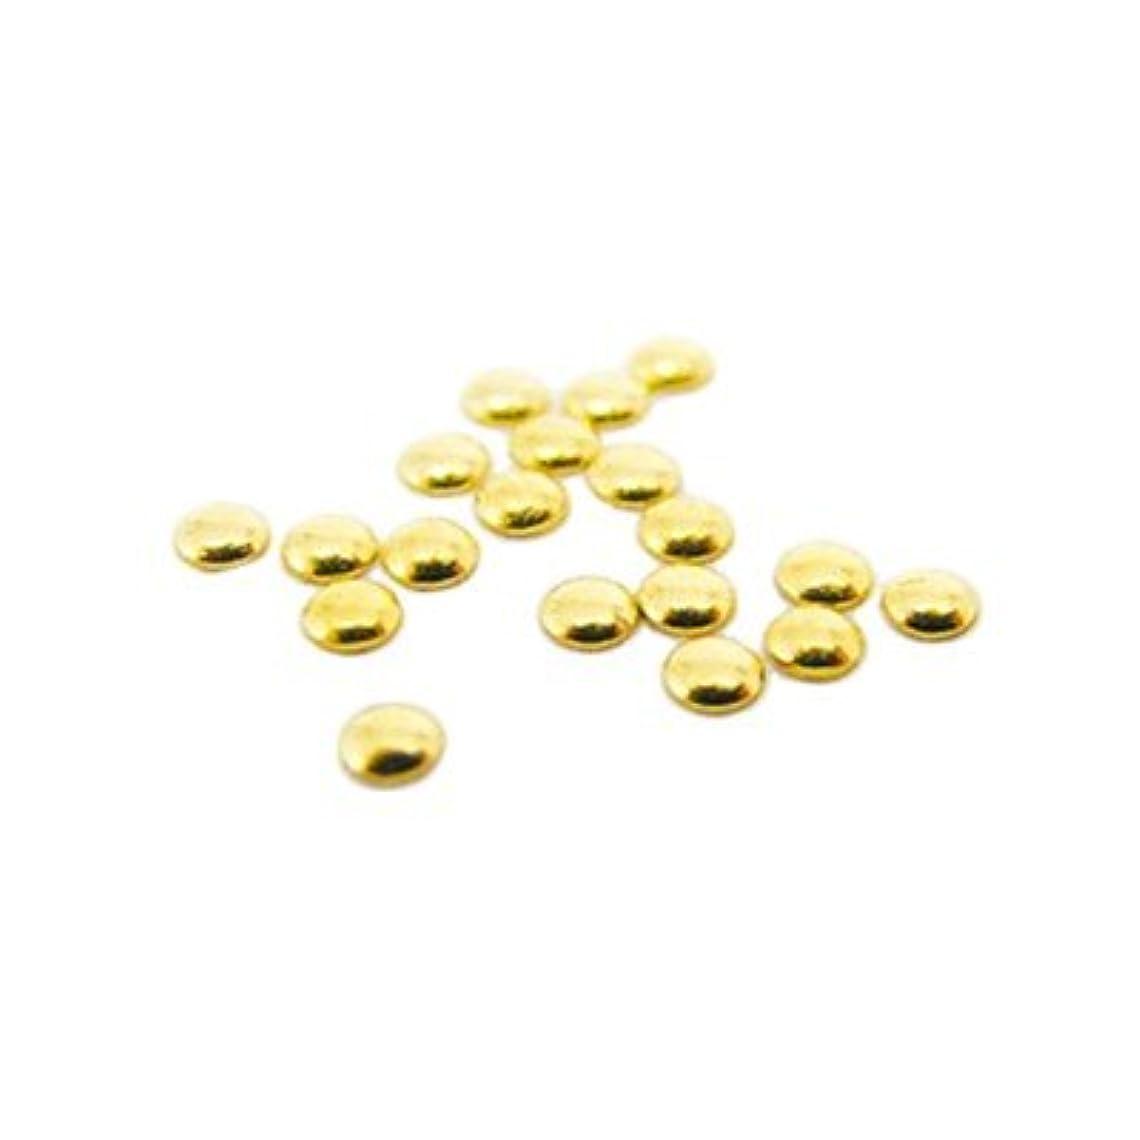 恐怖症公式マークされたピアドラ スタッズ 1.2mm 500P ゴールド